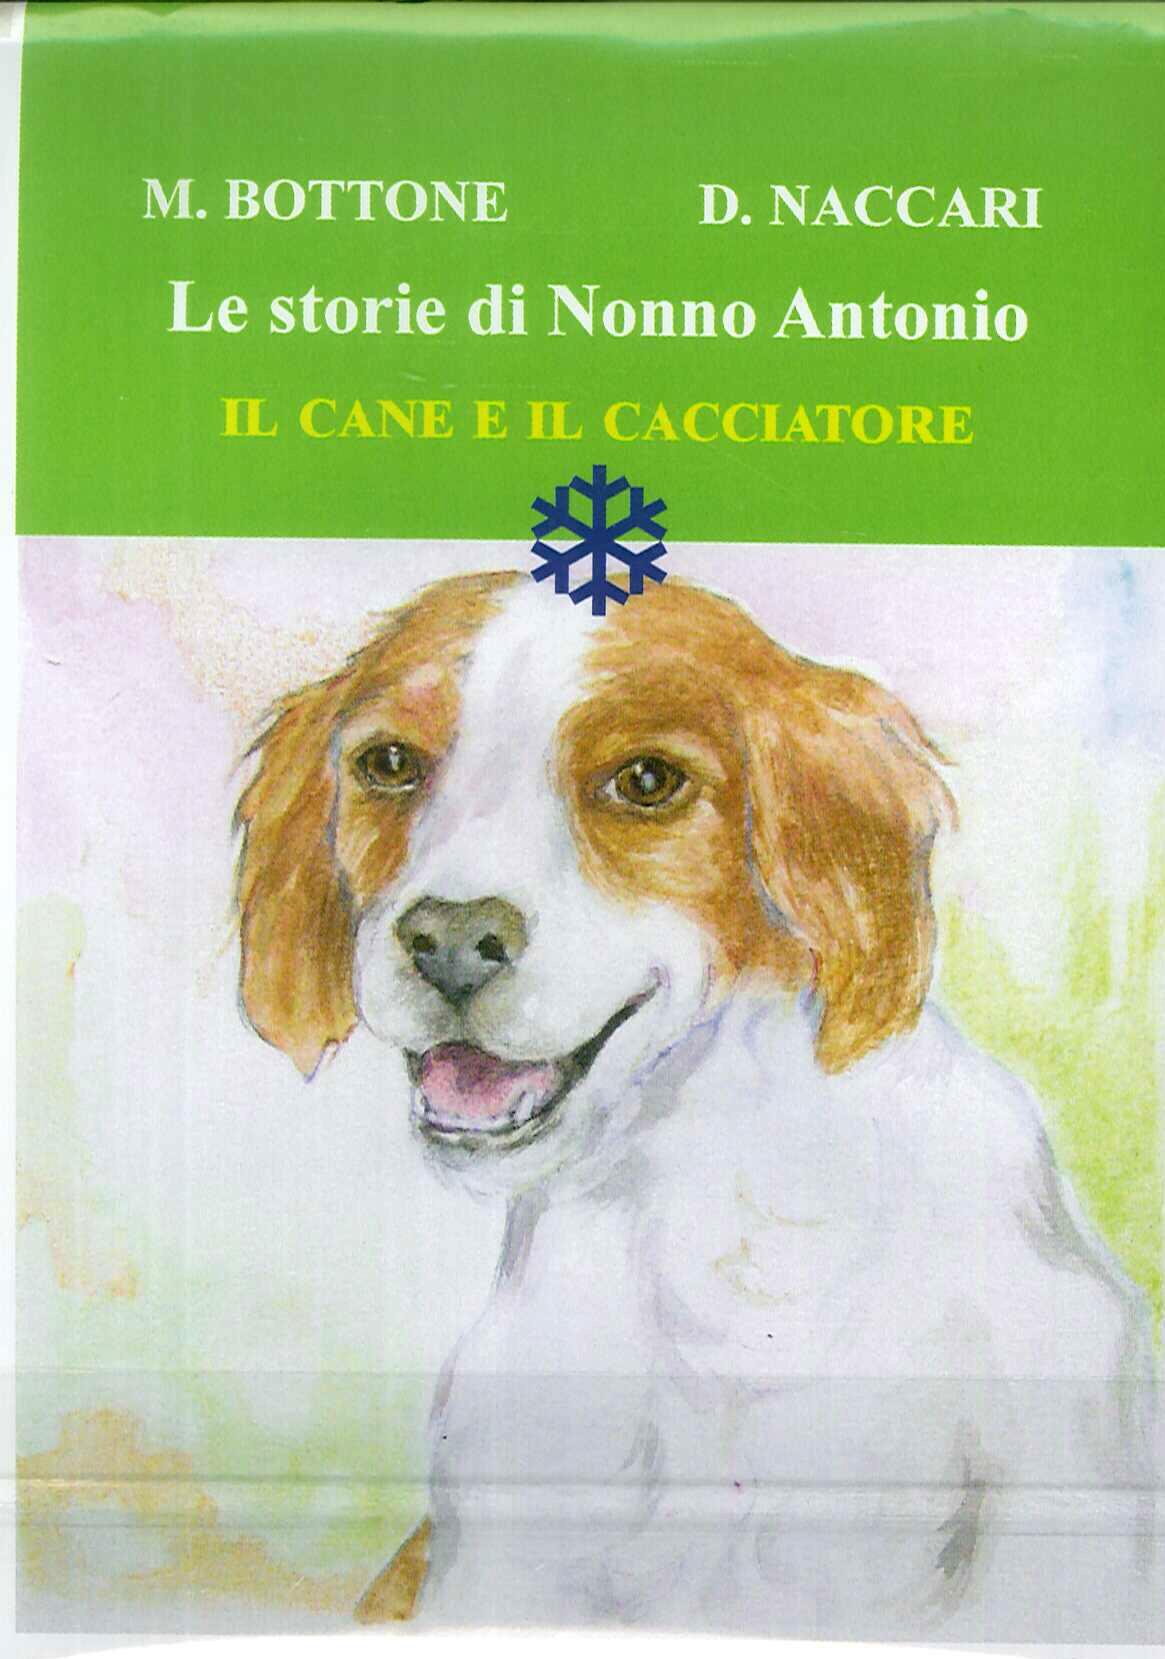 Il cane e il cacciatore. Le storie di nonno Antonio. Ediz. illustrata